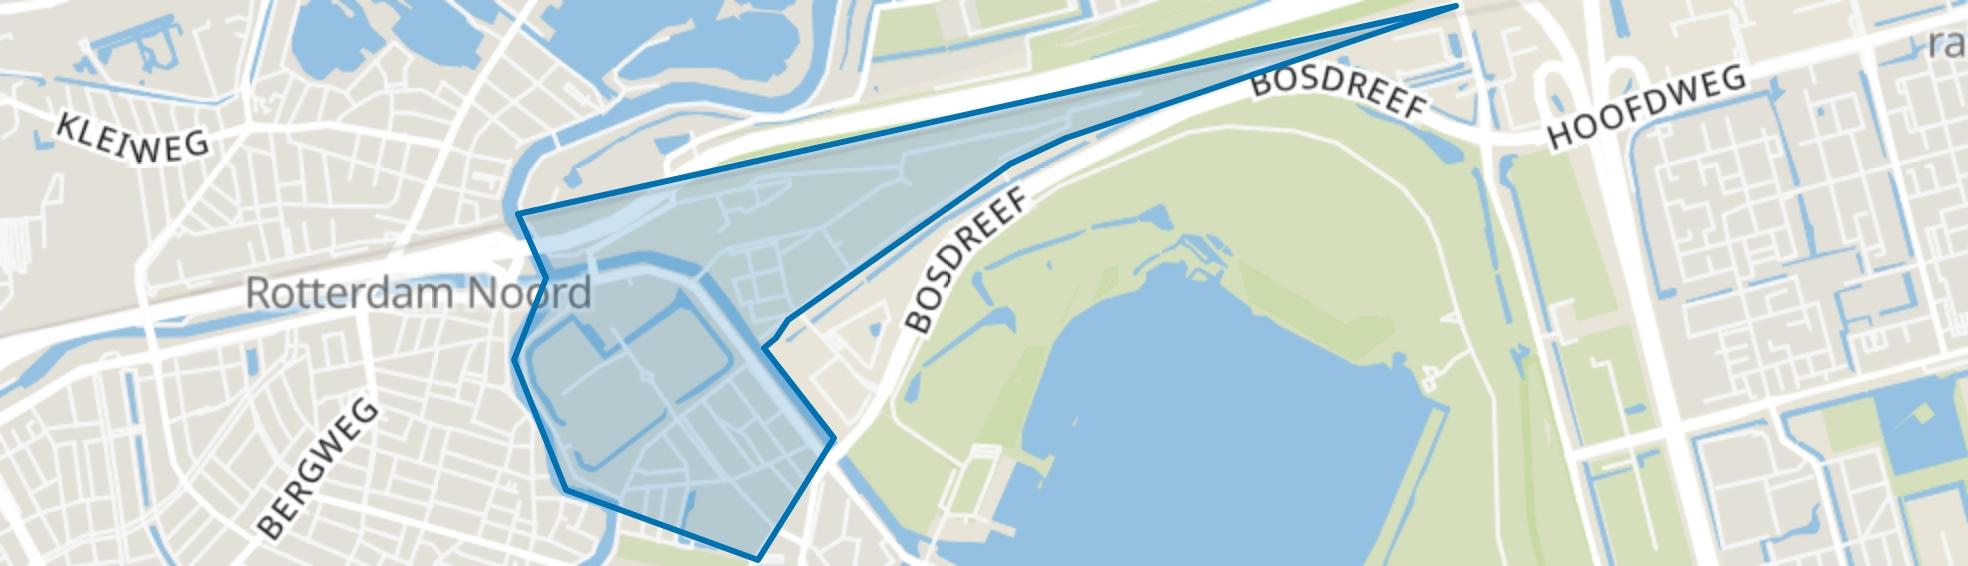 Nieuw Crooswijk, Rotterdam map